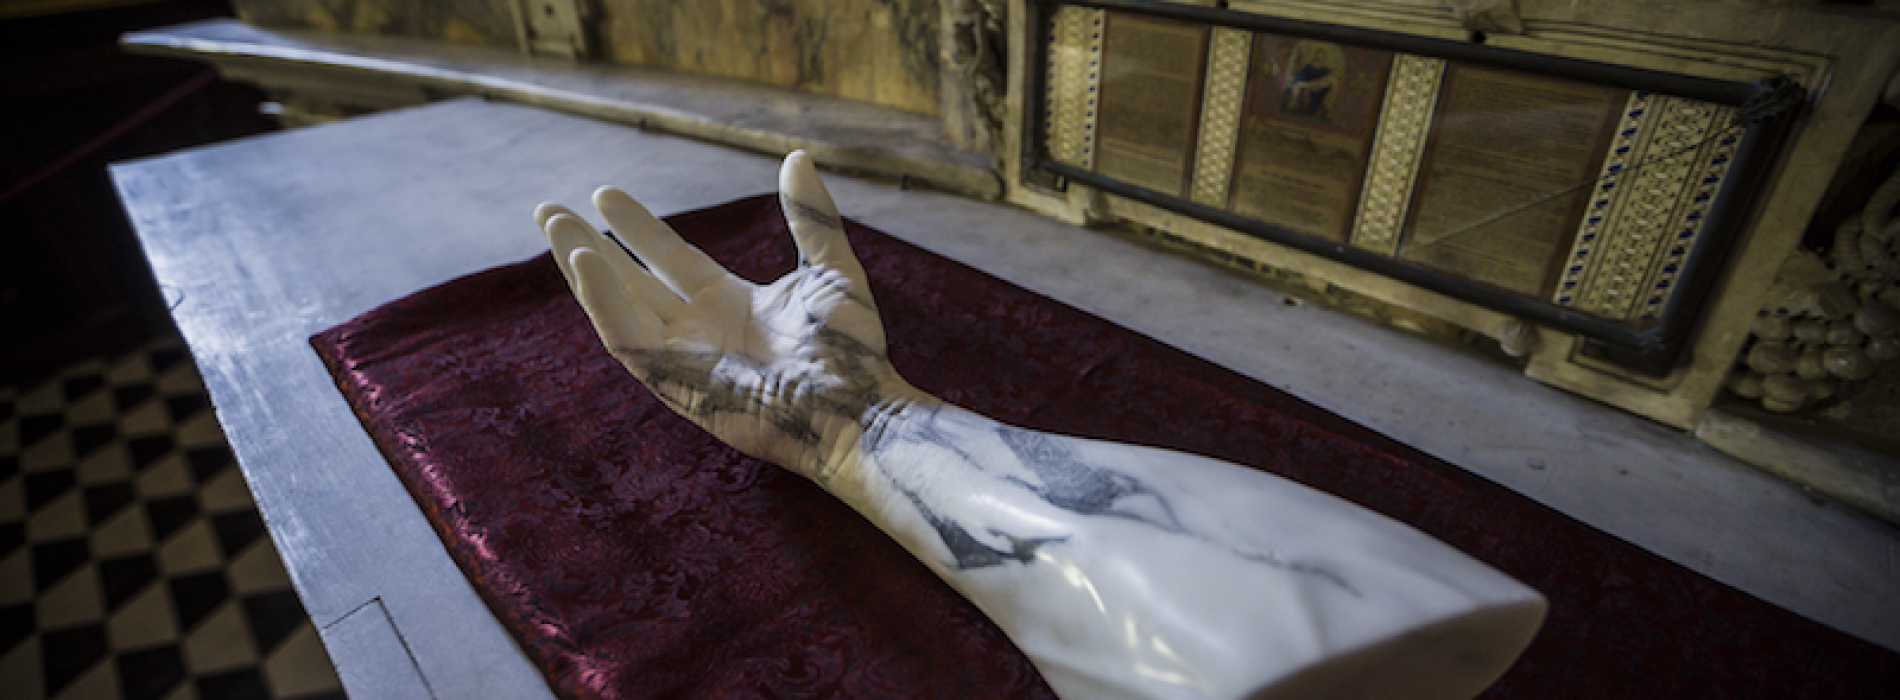 Tesori d'arte a Napoli, Jago dà una mano alla chiesa del Vasari